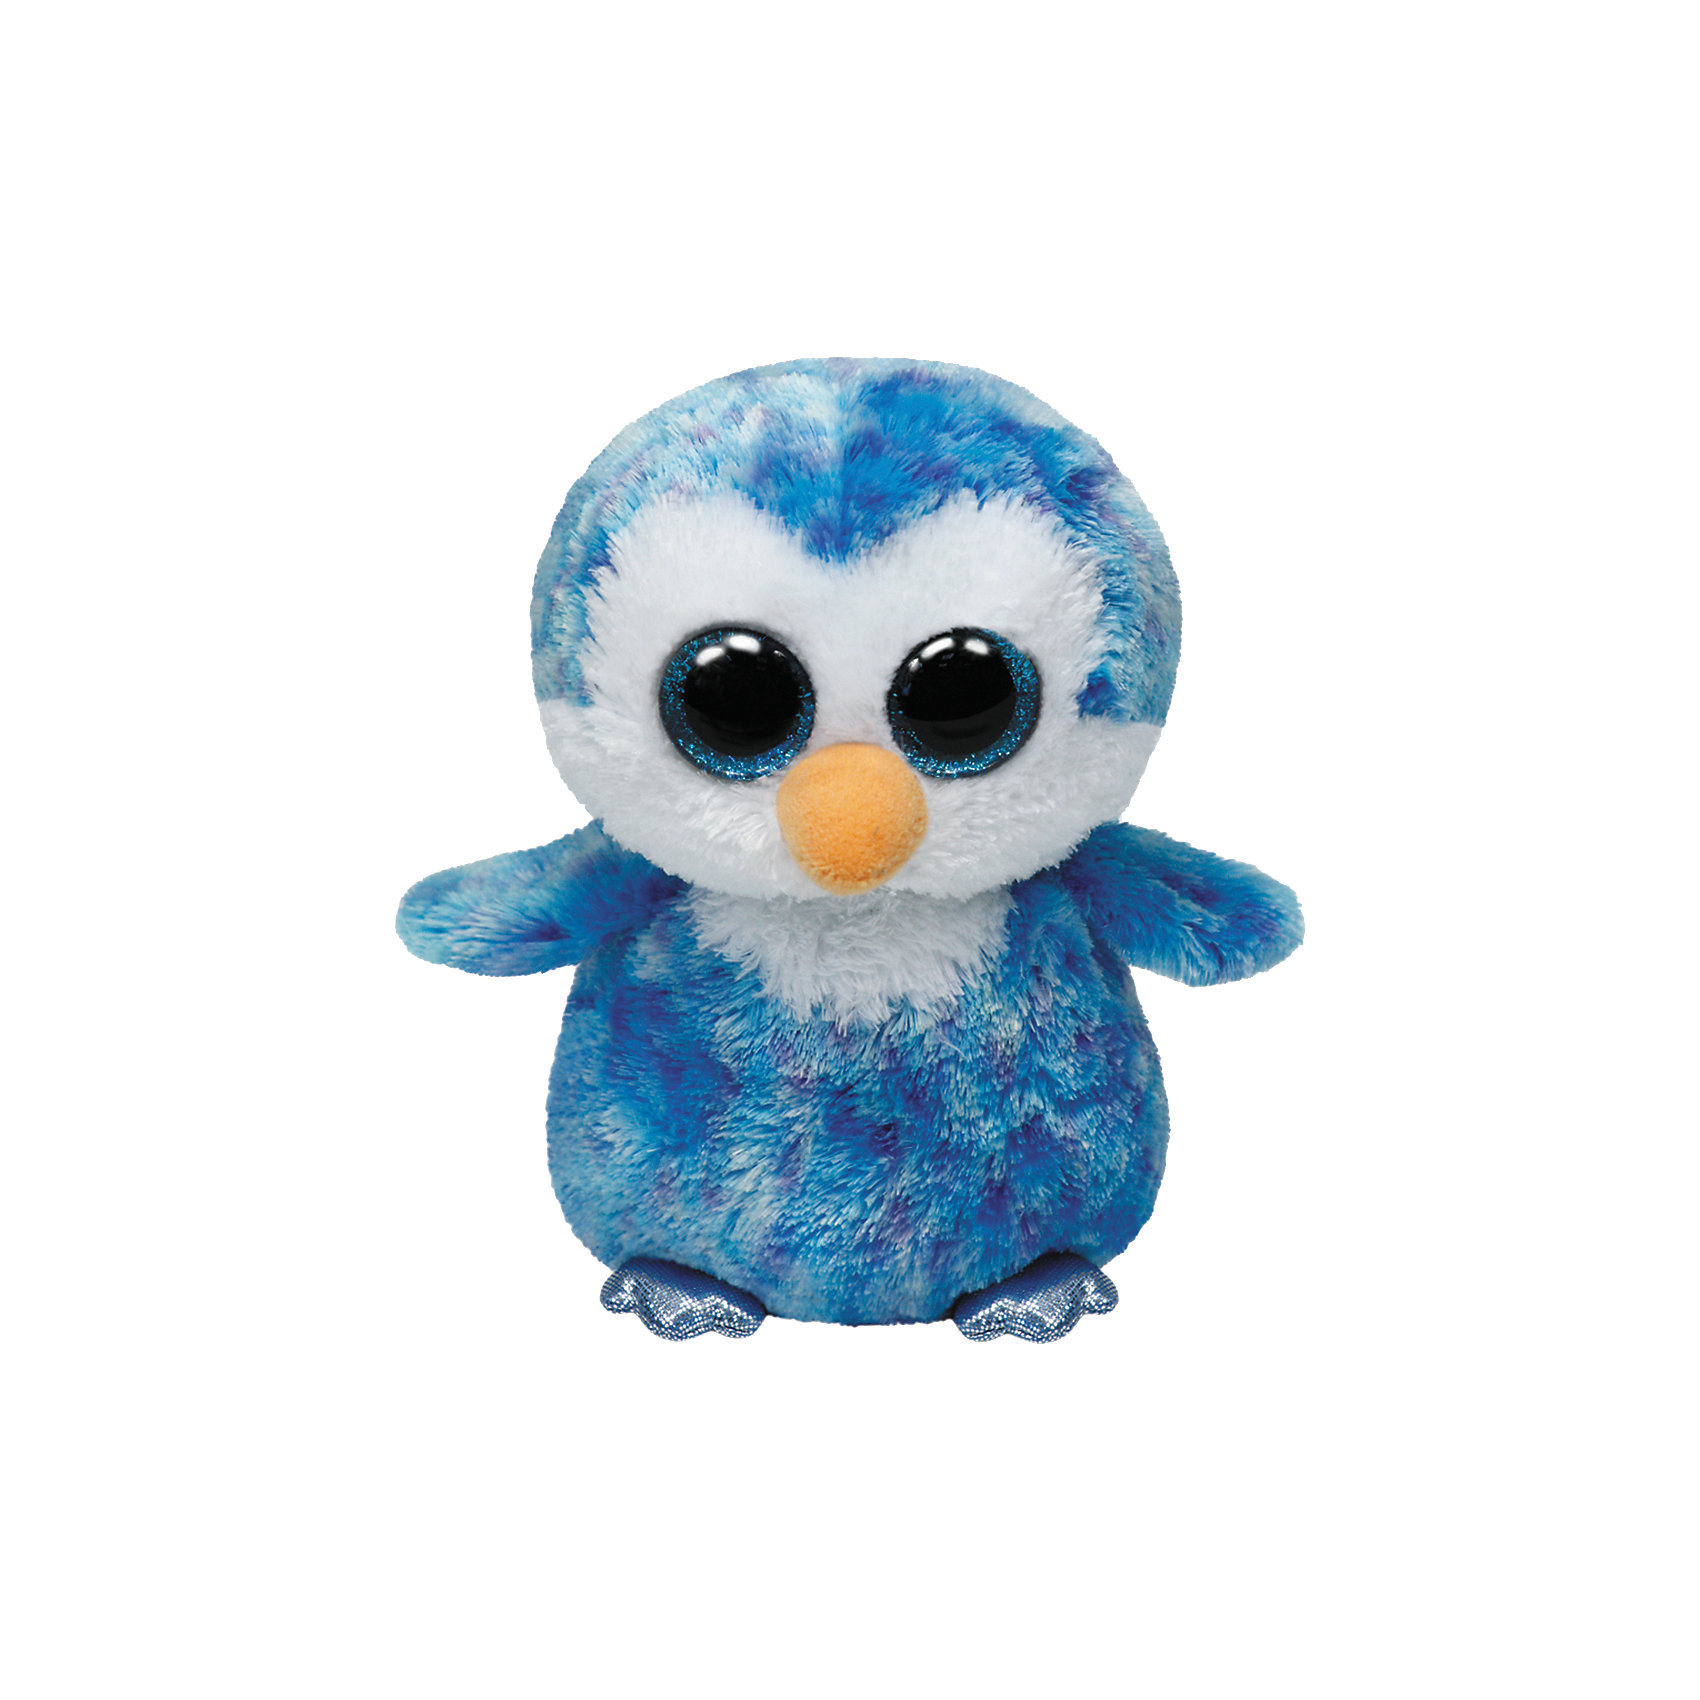 Мягкая игрушка Пингвин Ice Cube, 25 см, Beanie Boos, TyМягкая игрушка Пингвин Ice Cube, 25 см, Beanie Boos, Ty (Тай)<br><br>Характеристики:<br><br>• способствует развитию мелкой моторики<br>• приятный на ощупь<br>• интересный стишок на бирке<br>• высота игрушки: 25 см<br>• не содержит токсичных материалов, опасных для здоровья ребёнка<br>• материал: текстиль, искусственный мех, пластик <br>• наполнитель: синтепон<br>• вес: 300 грамм<br><br>Пингвин Ice Cube придет к вашему малышу из Арктики и подарит много положительных эмоций! На бирке вы найдете интересный стишок на английском языке, рассказывающий о происхождении пингвина. Игрушка очень мягкая и приятная на ощупь - она, несомненно, станет лучшим другом для ребенка. Не содержит опасных для ребенка материалов. Игра способствует развитию речи, мелкой моторики и тактильных навыков.<br><br>Мягкую игрушку Пингвин Ice Cube, 25 см, Beanie Boos, Ty (Тай) вы можете купить в нашем интернет-магазине.<br><br>Ширина мм: 214<br>Глубина мм: 121<br>Высота мм: 119<br>Вес г: 64<br>Возраст от месяцев: 12<br>Возраст до месяцев: 60<br>Пол: Унисекс<br>Возраст: Детский<br>SKU: 4023880